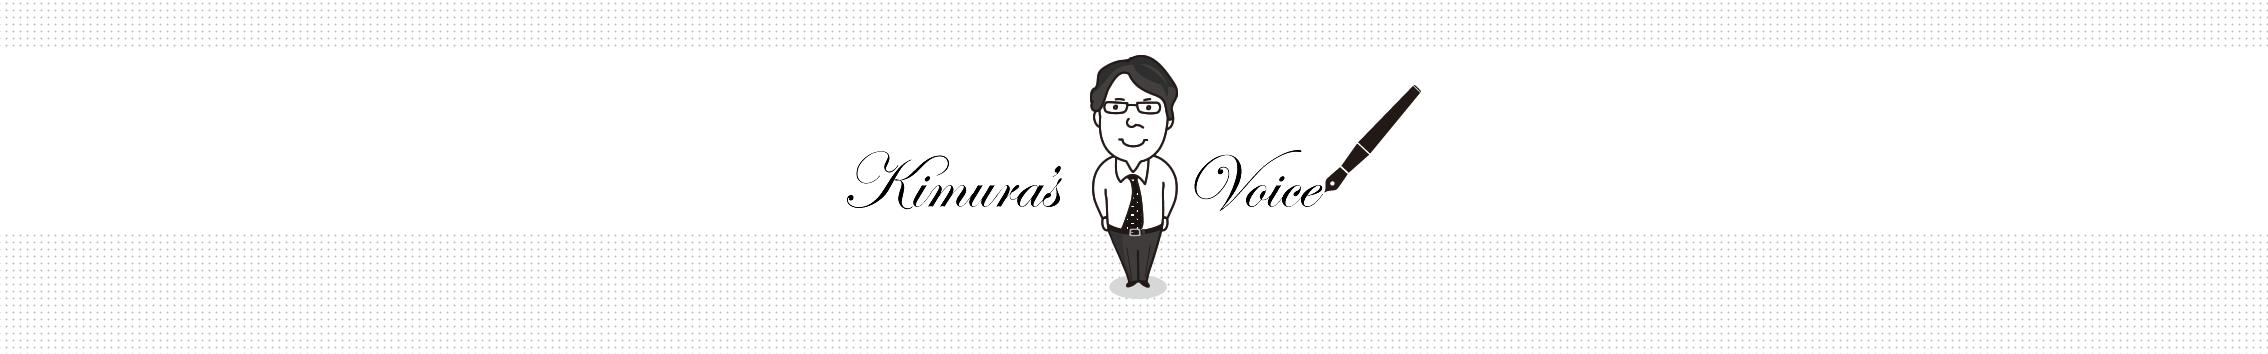 木村部長のブログ